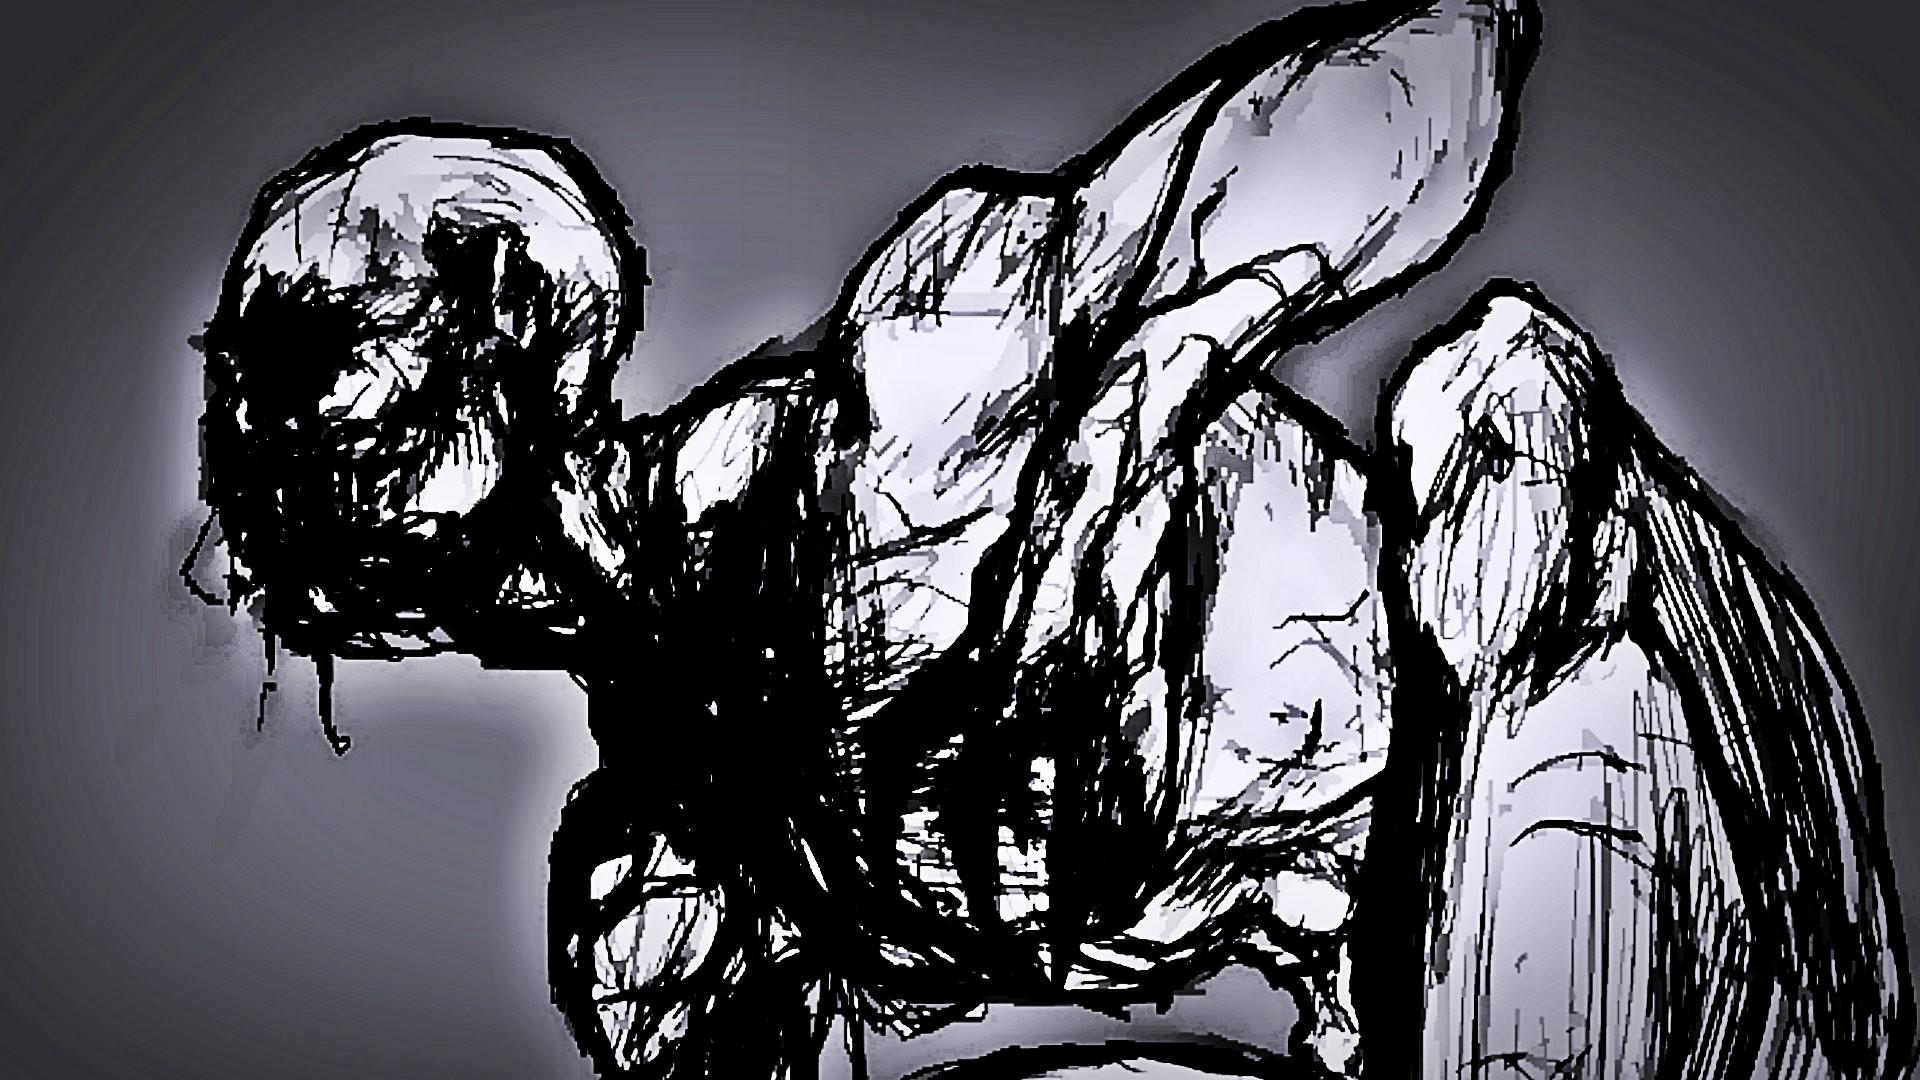 Dark – Creepypasta Anime The Rake Scary Creepy Wallpaper